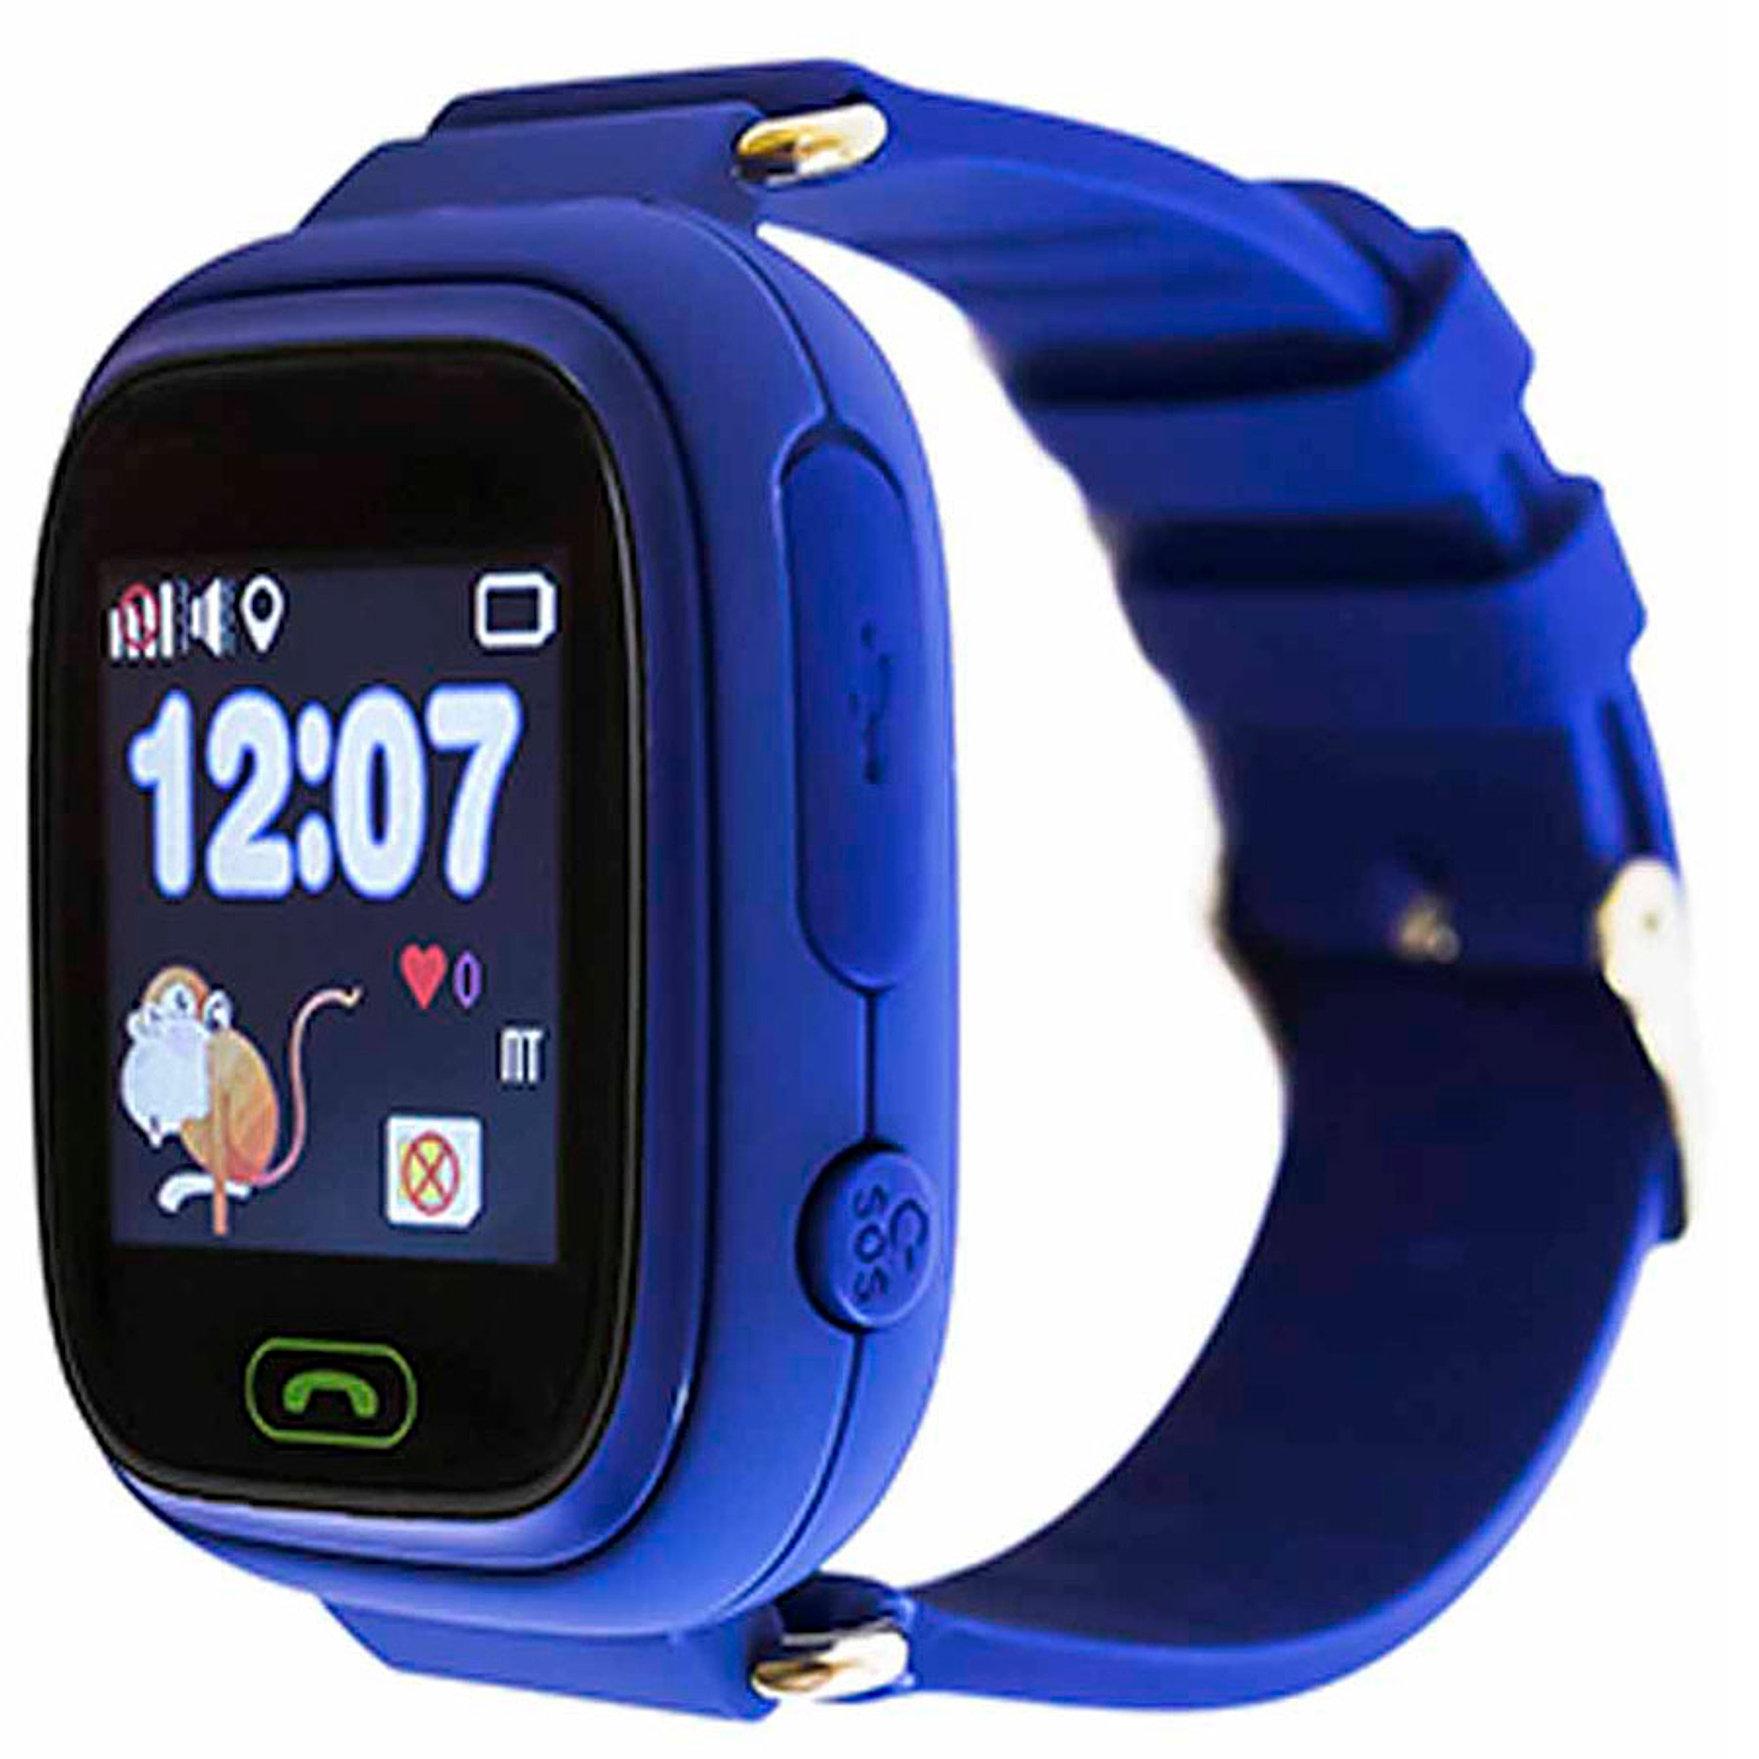 Умные детские часы smart baby watch q80 отличает большой цветной сенсорный экран, который исключил кнопки предыдущих моделей; sim карта теперь вставляется в слот, расположенный с боку корпуса; появился «вибро» режим, позволяющий ребенку ощущать все вызовы, даже при выключенном звуке; id часов для регистрации установлен в меню часов; часы работают в сетях wi-fi что знач.